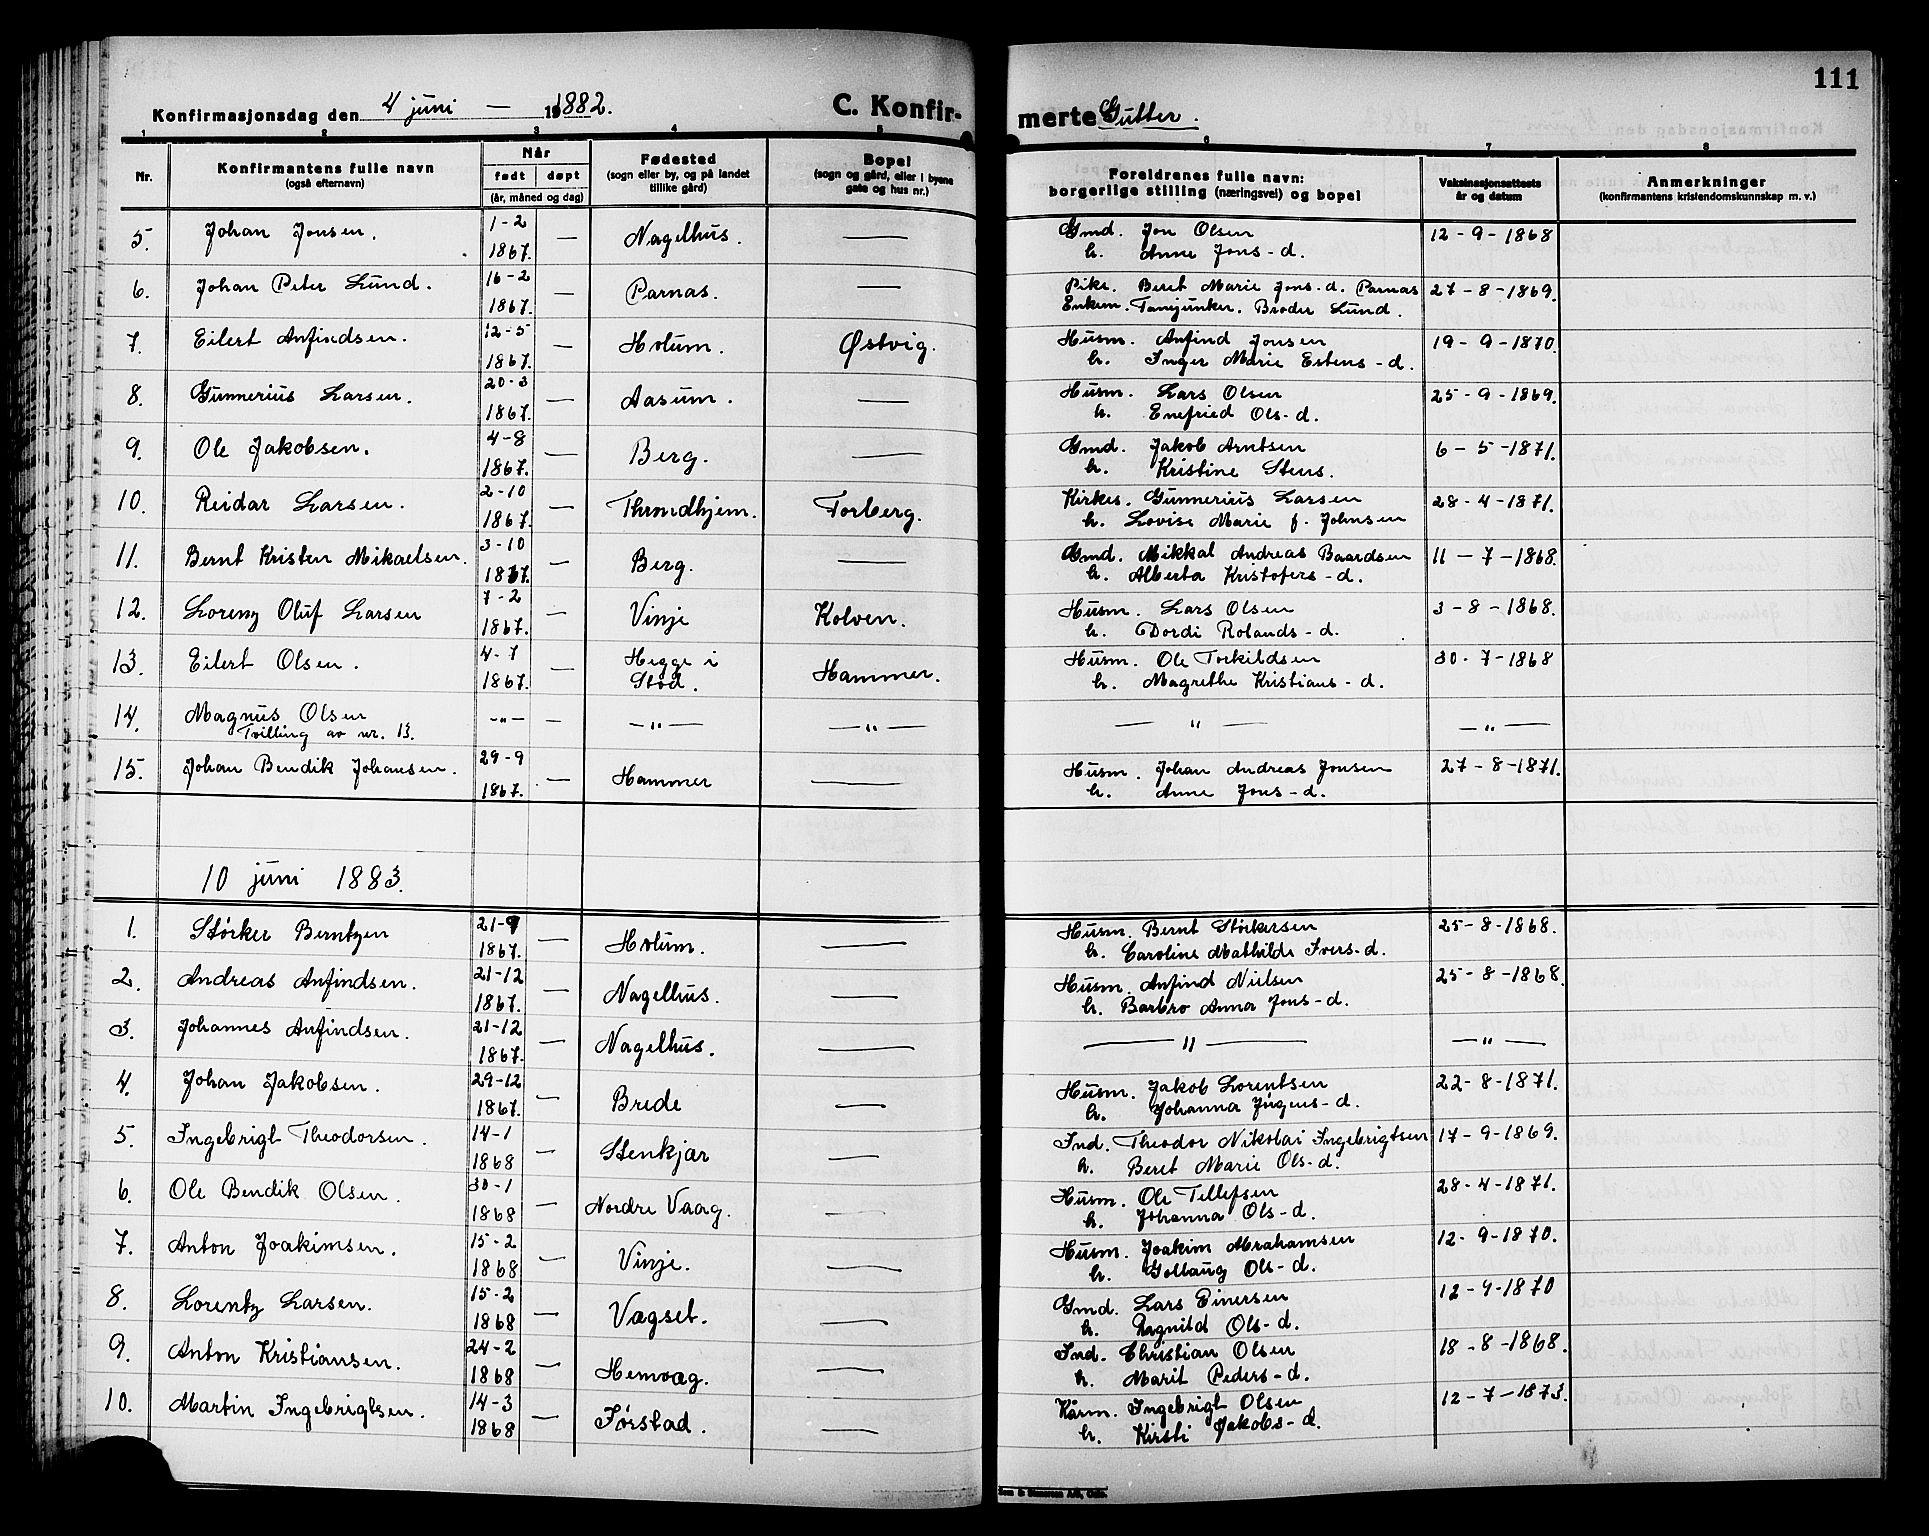 SAT, Ministerialprotokoller, klokkerbøker og fødselsregistre - Nord-Trøndelag, 749/L0486: Ministerialbok nr. 749D02, 1873-1887, s. 111